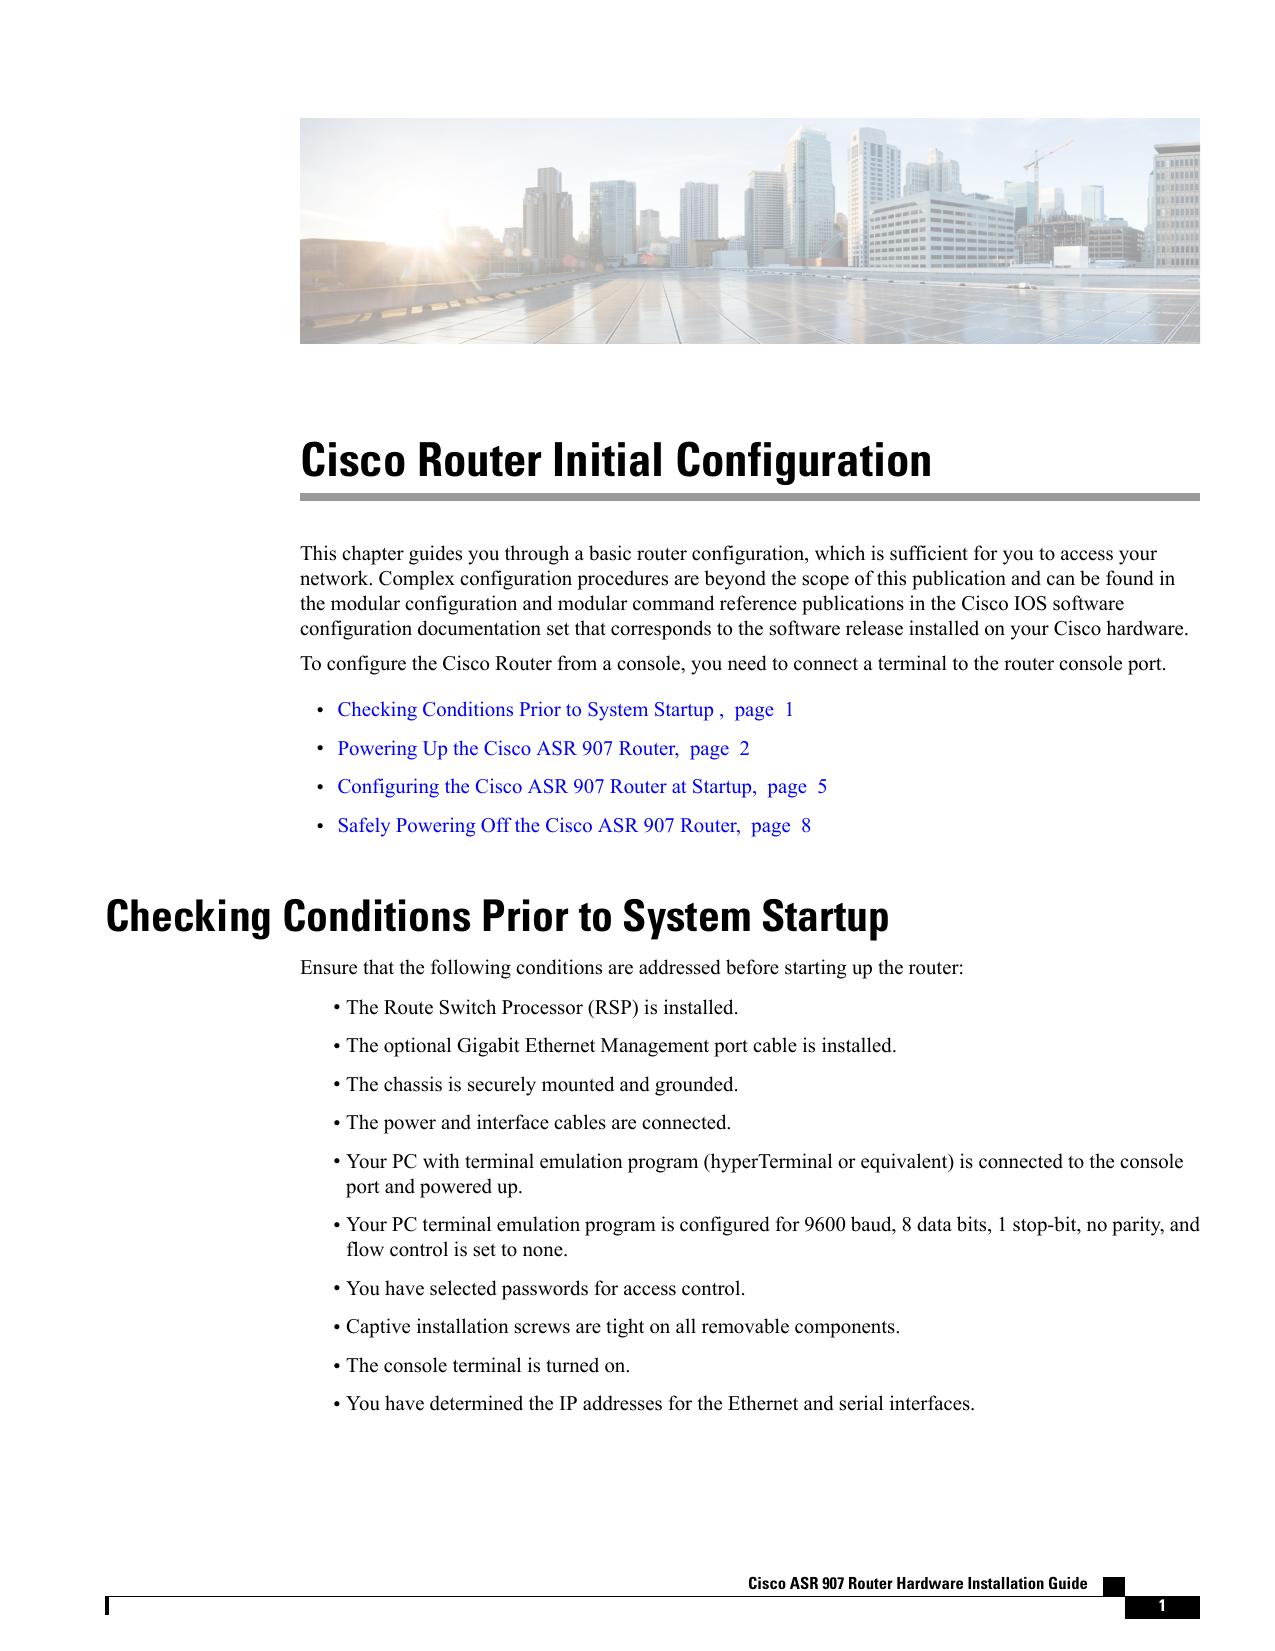 Cisco Router Initial Configuration | manualzz com